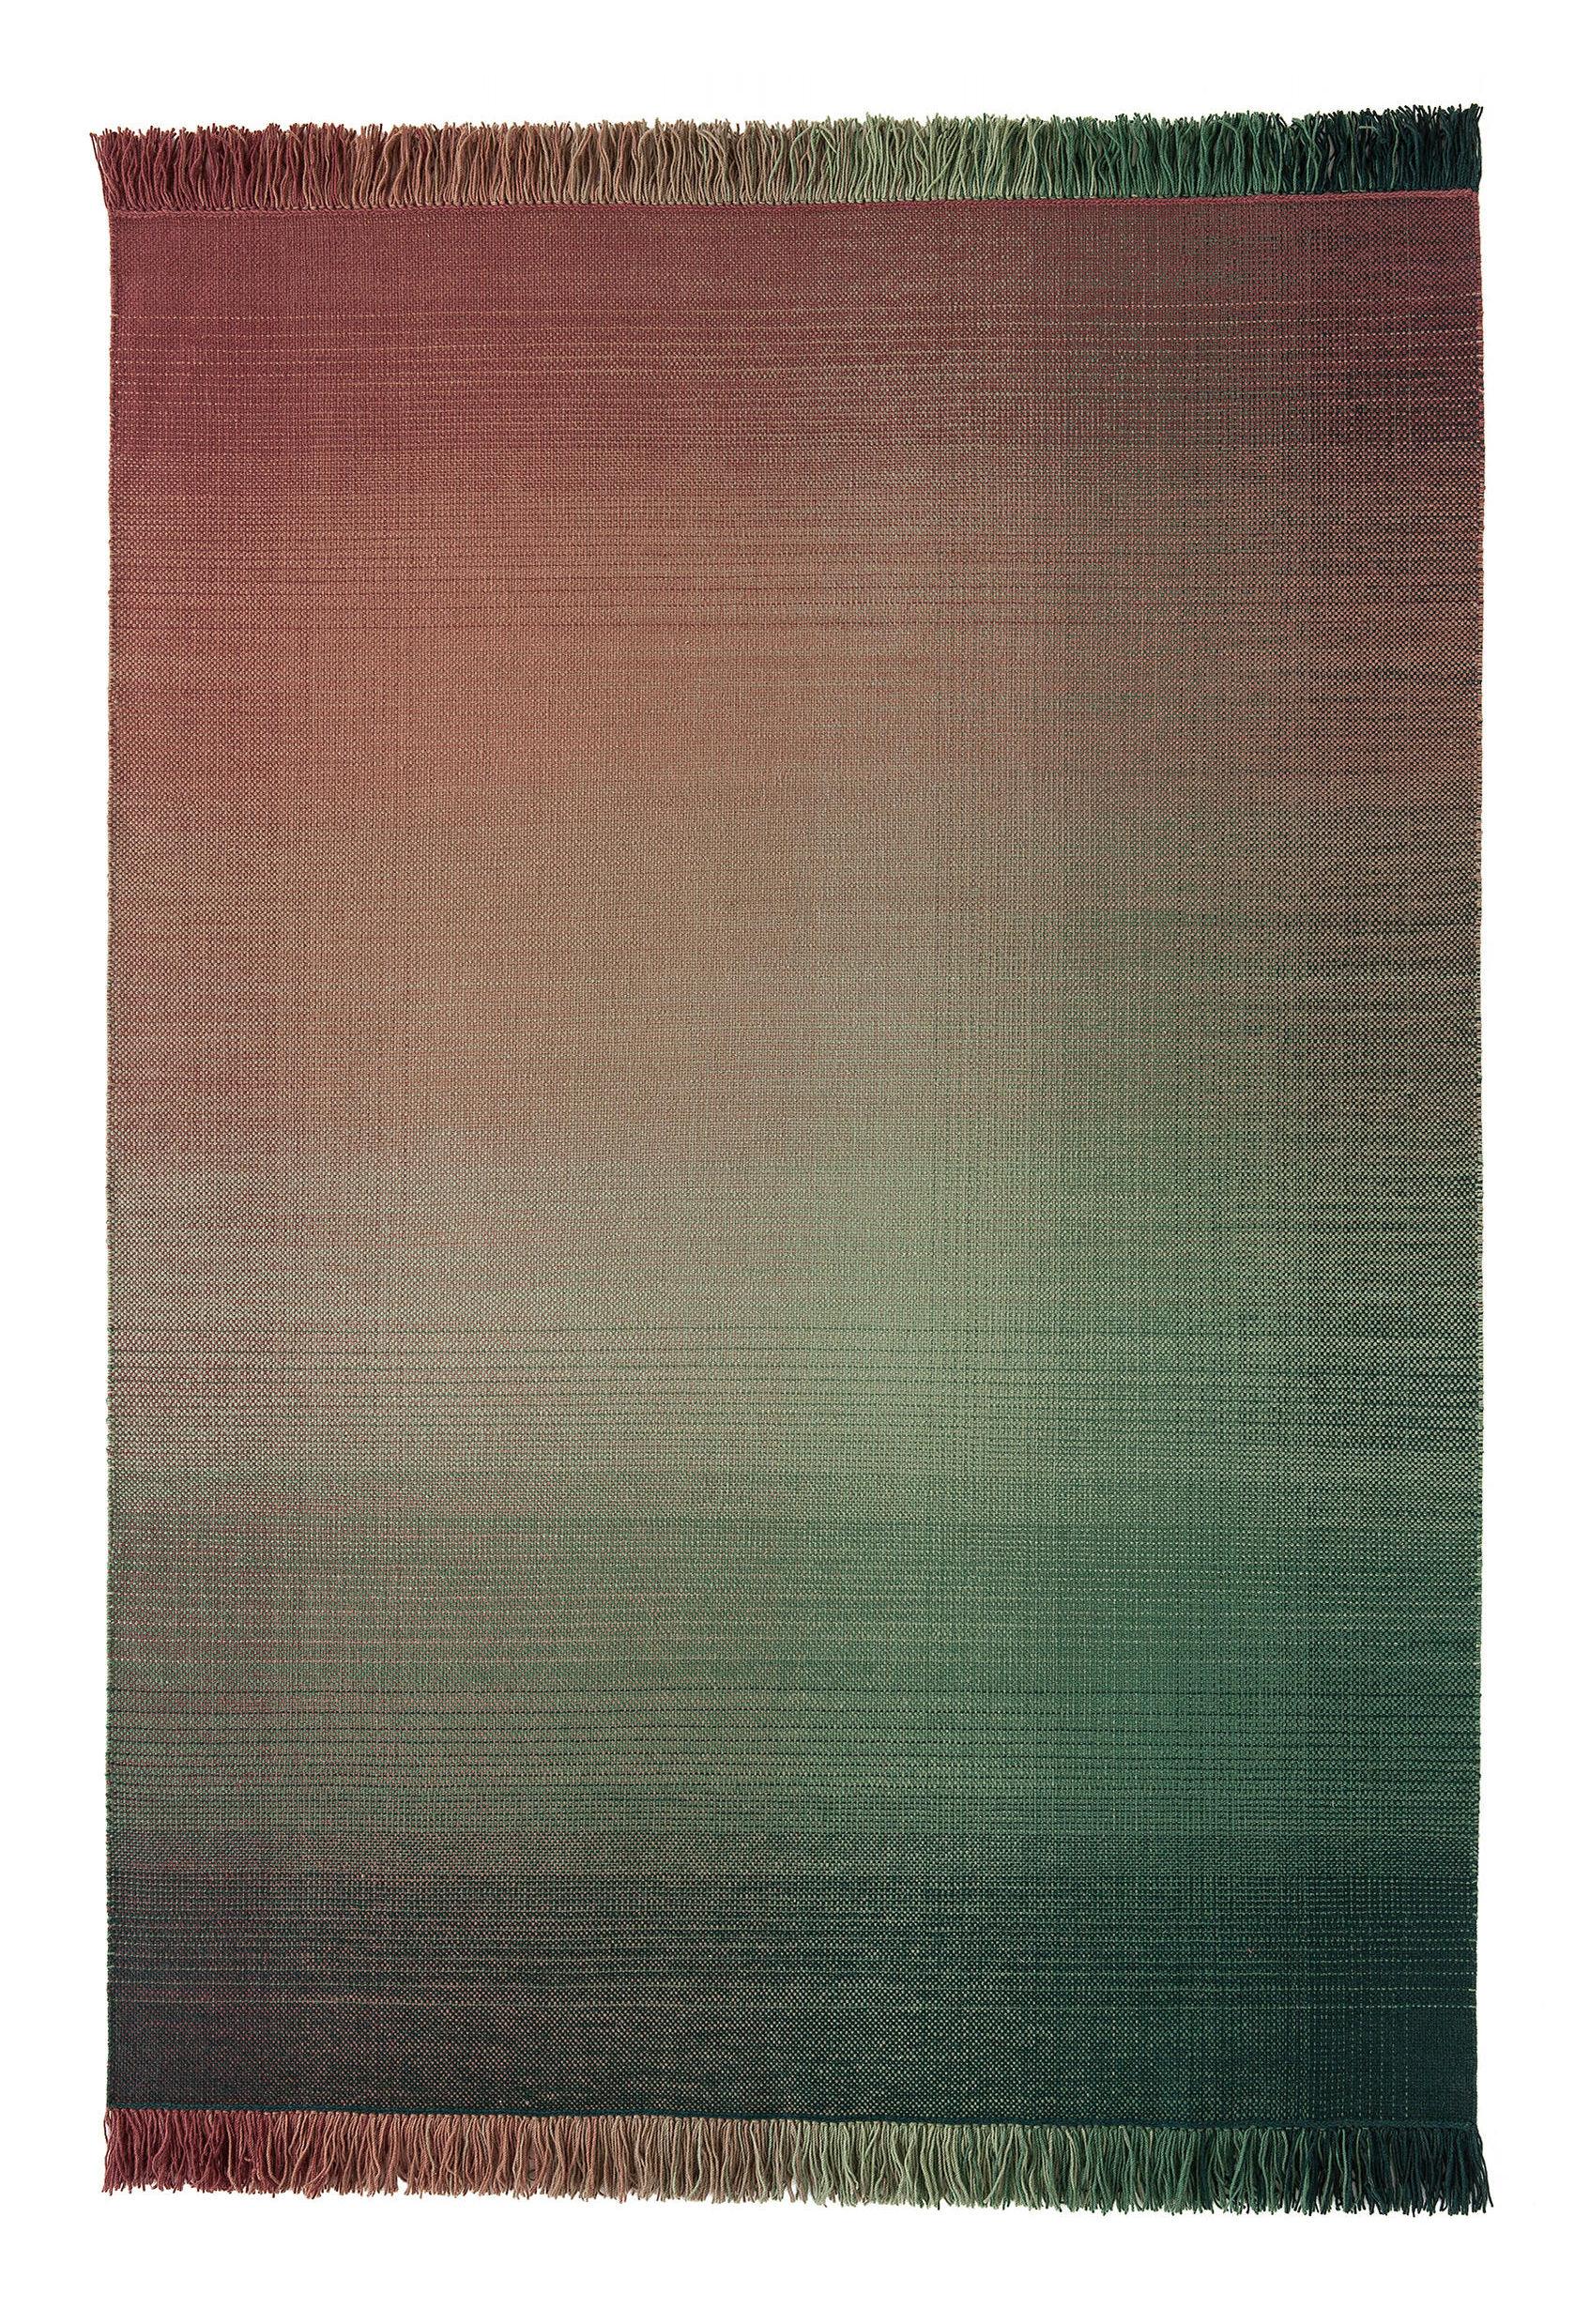 Déco - Tapis - Tapis Shade palette 3 / 170 x 240 cm - Nanimarquina - Vert & Rose - Laine de Nouvelle-Zélande